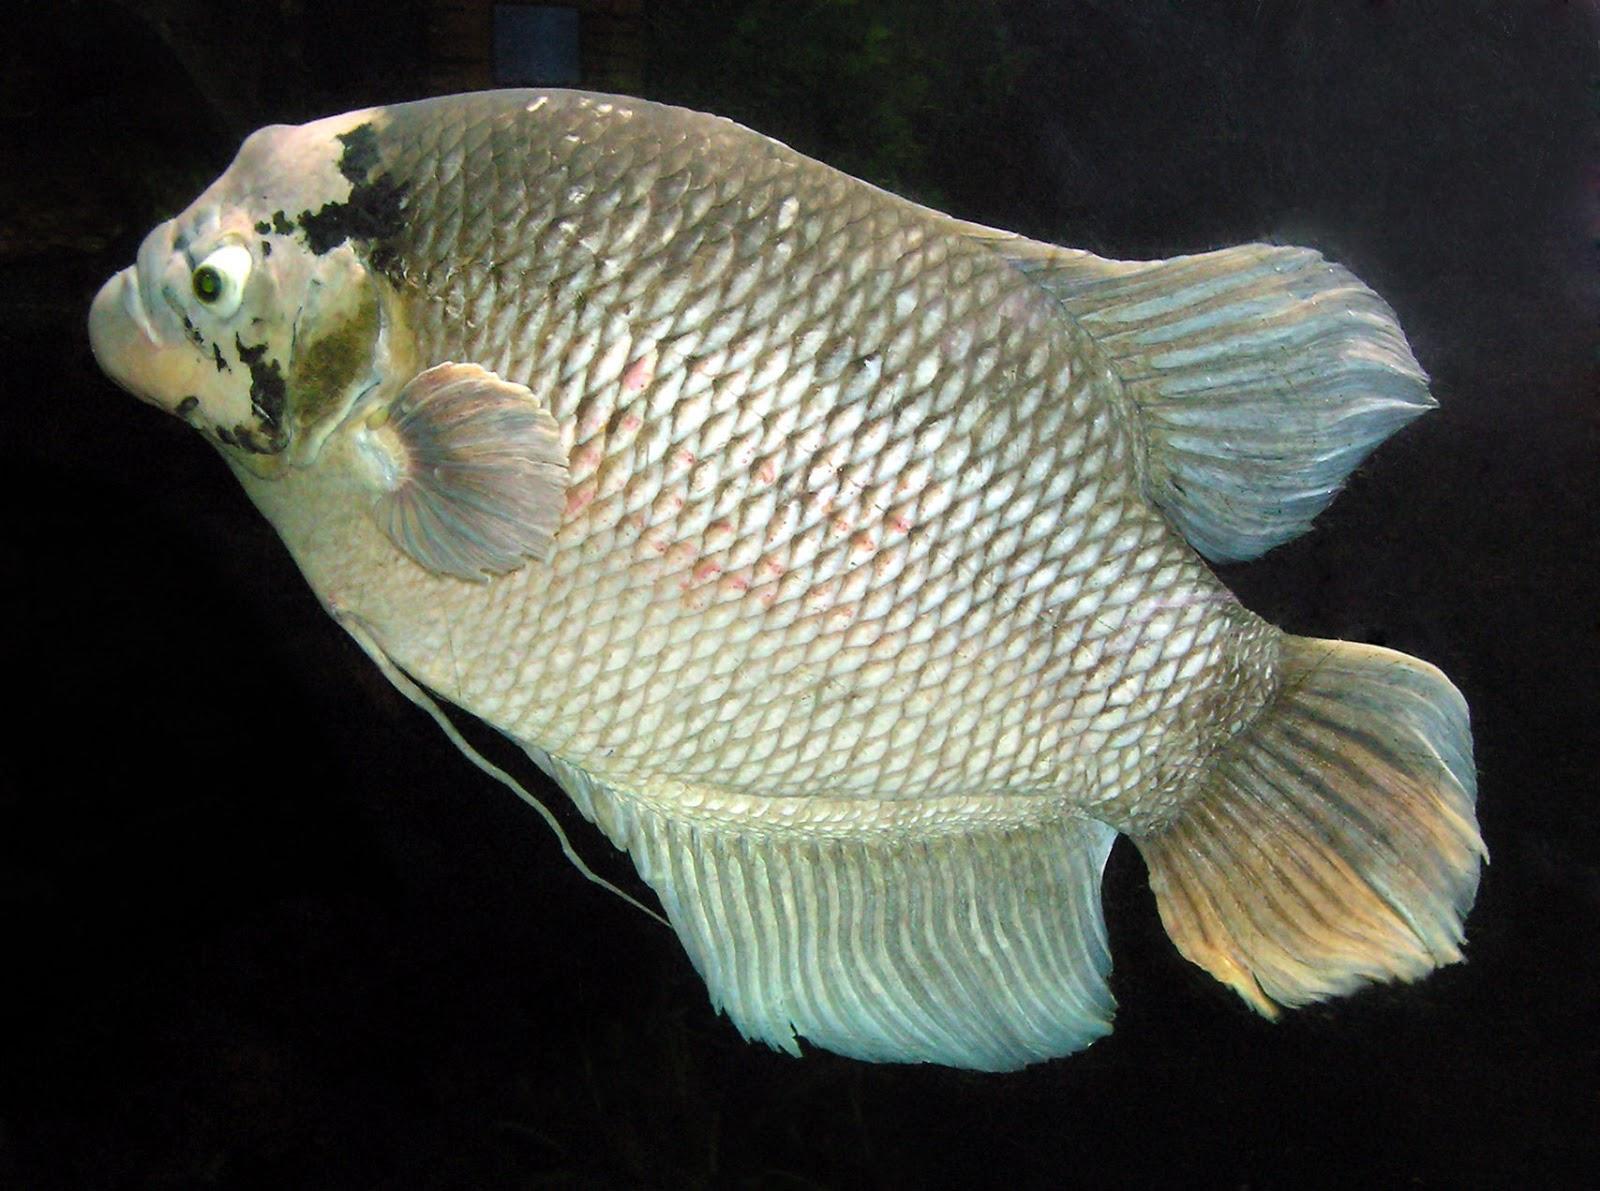 Giant Gourami - Fishes